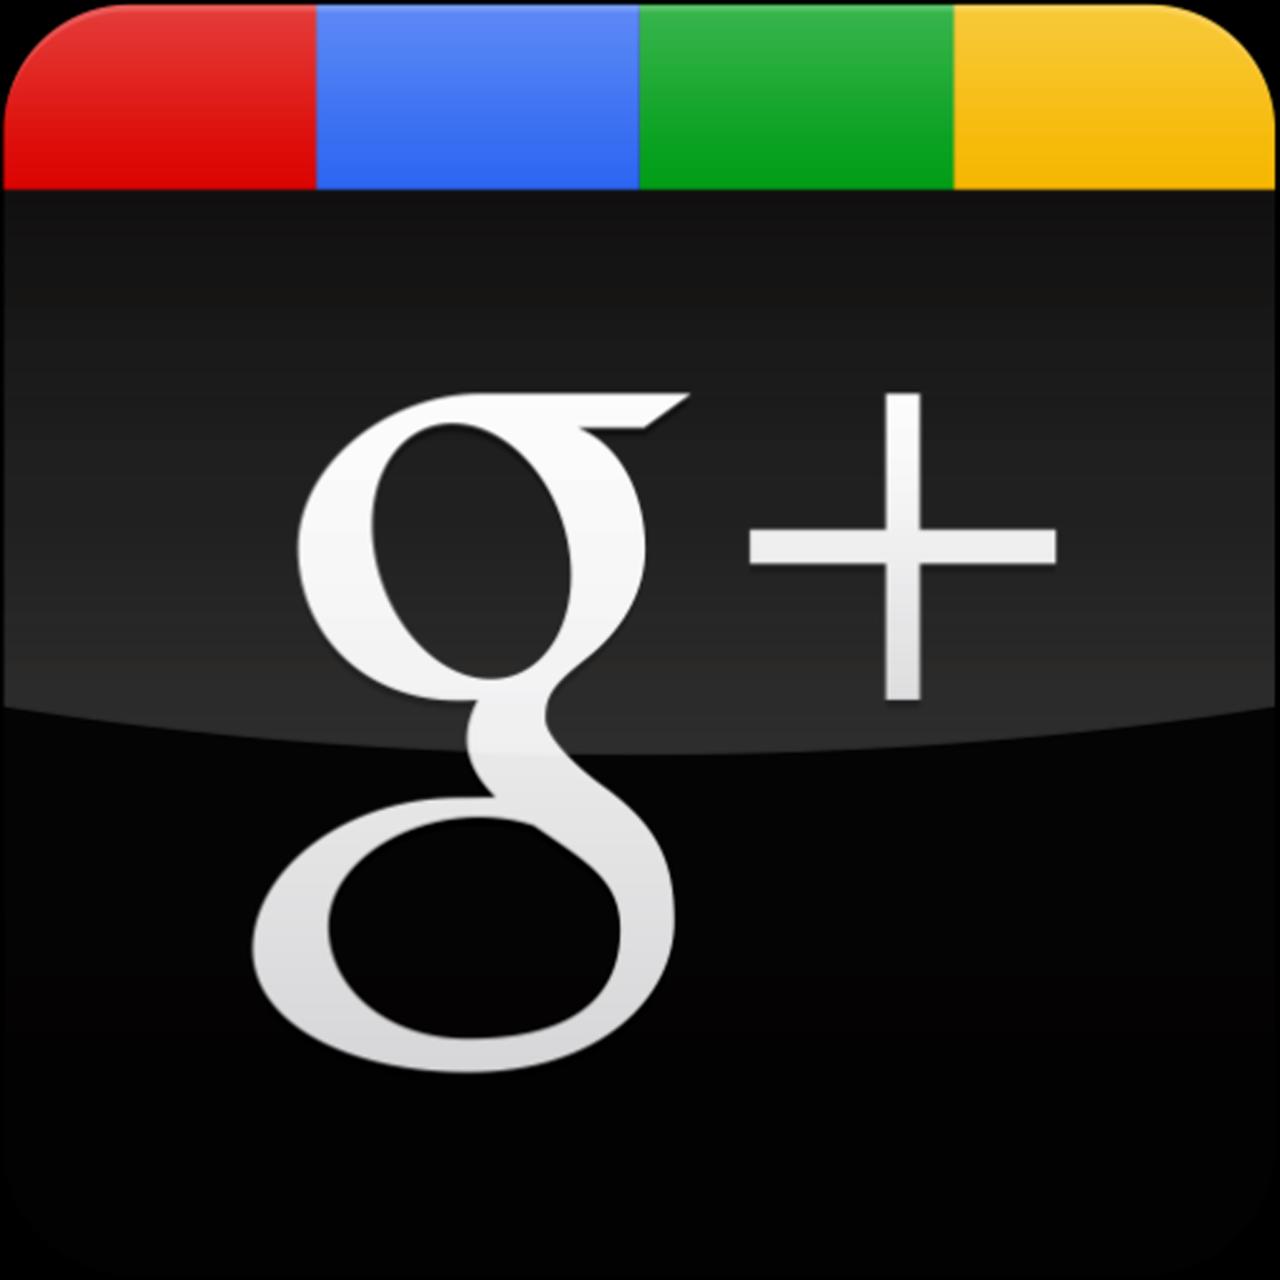 http://2.bp.blogspot.com/-aw-IjhAK1Sg/TqRYpJtSEHI/AAAAAAAAAOU/NOemp3u3k-w/s1600/google_plus_logo_wallpaper.png